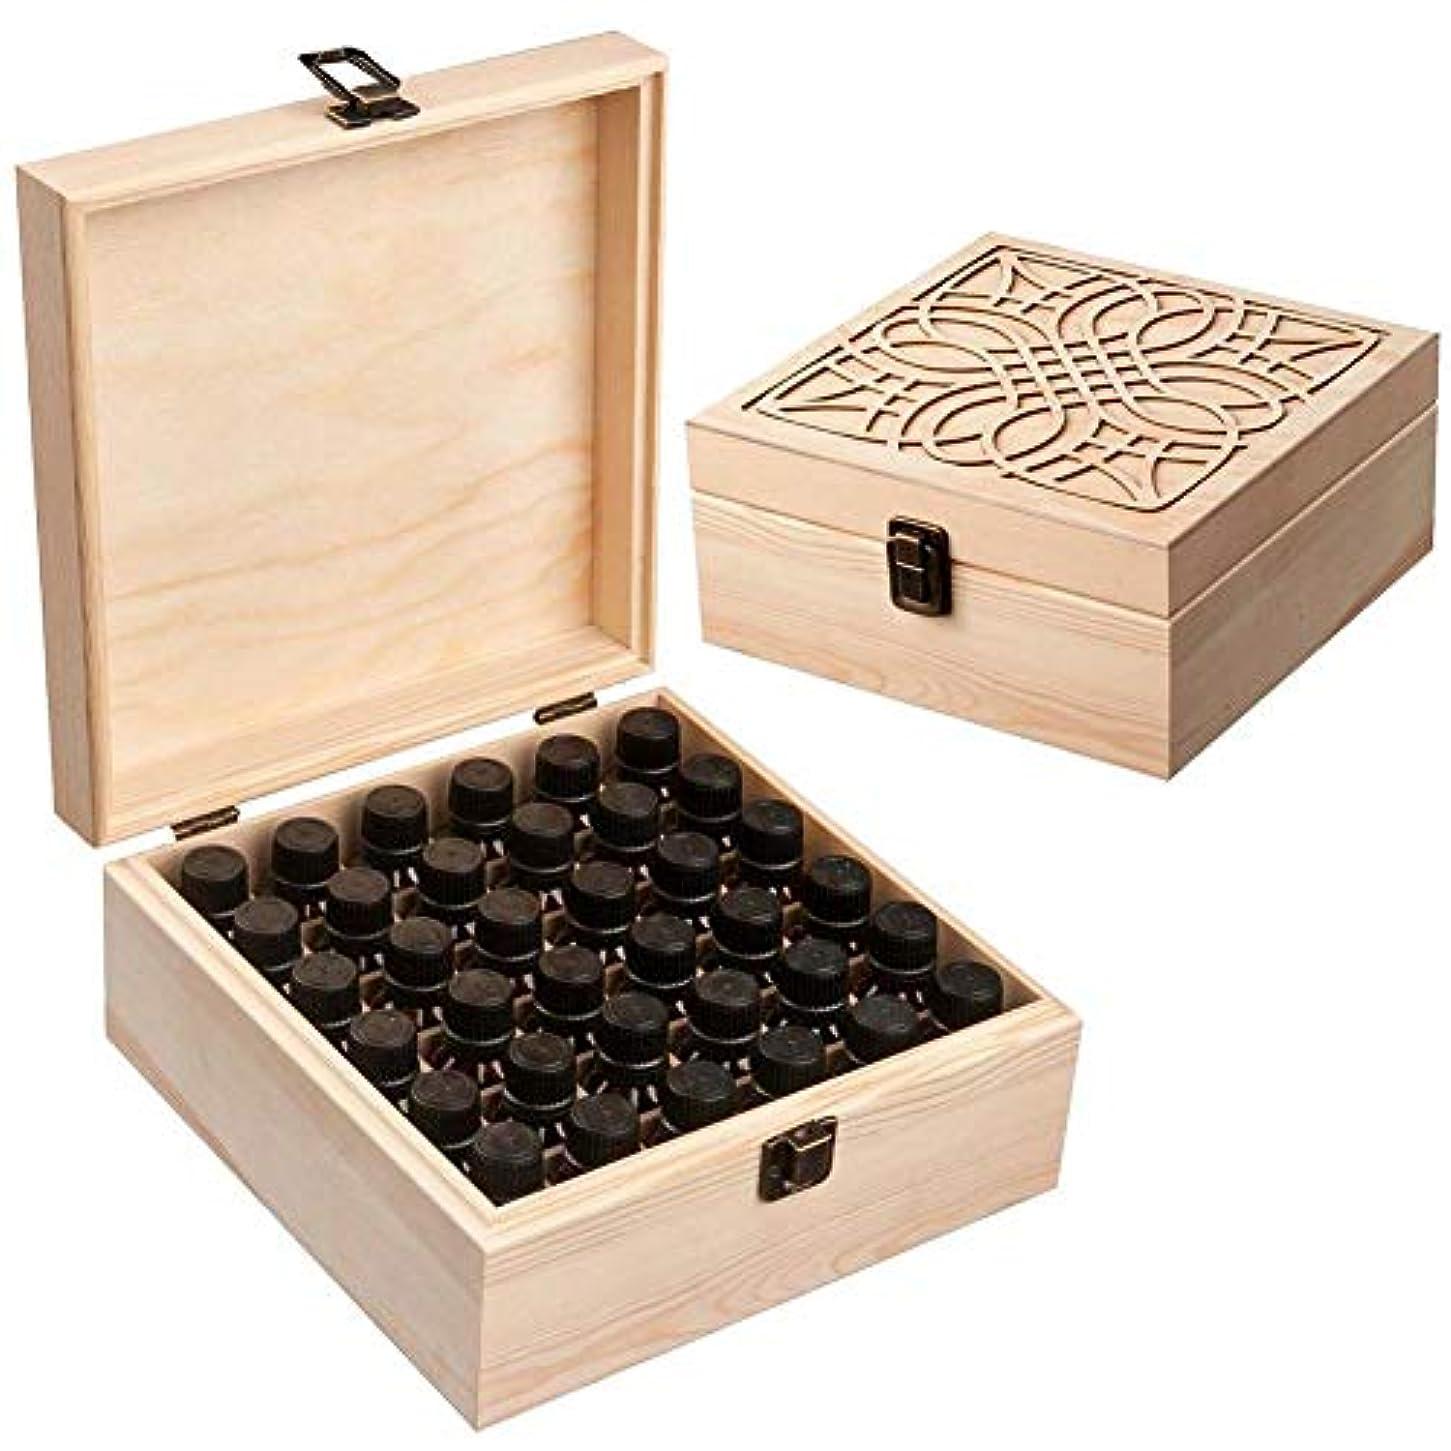 ぜいたく毛皮警察Newfashion エッセンシャルオイル収納ボックス 精油収納 アロマケース 木製 大容量 携帯便利 オイルボックス 飾り物 36本用